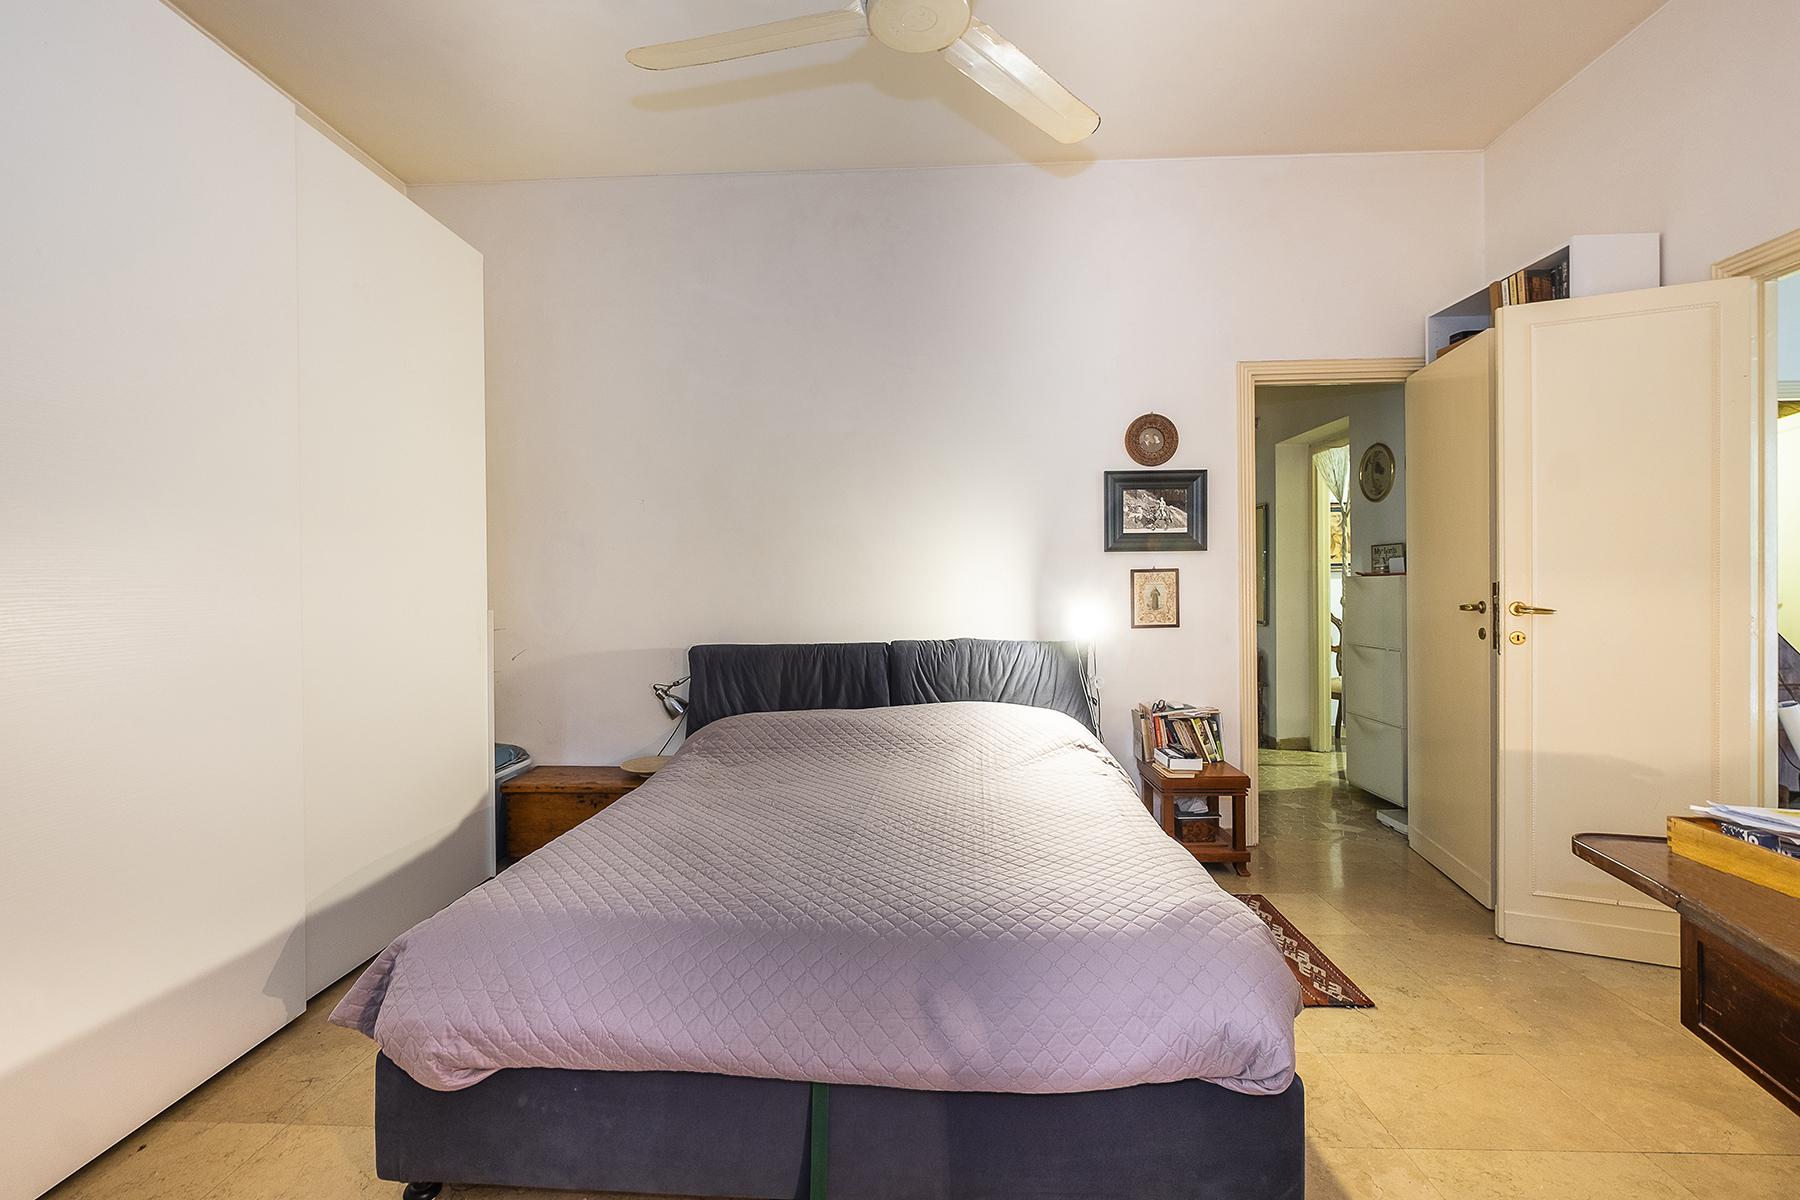 Appartamento in Vendita a Roma: 4 locali, 80 mq - Foto 7